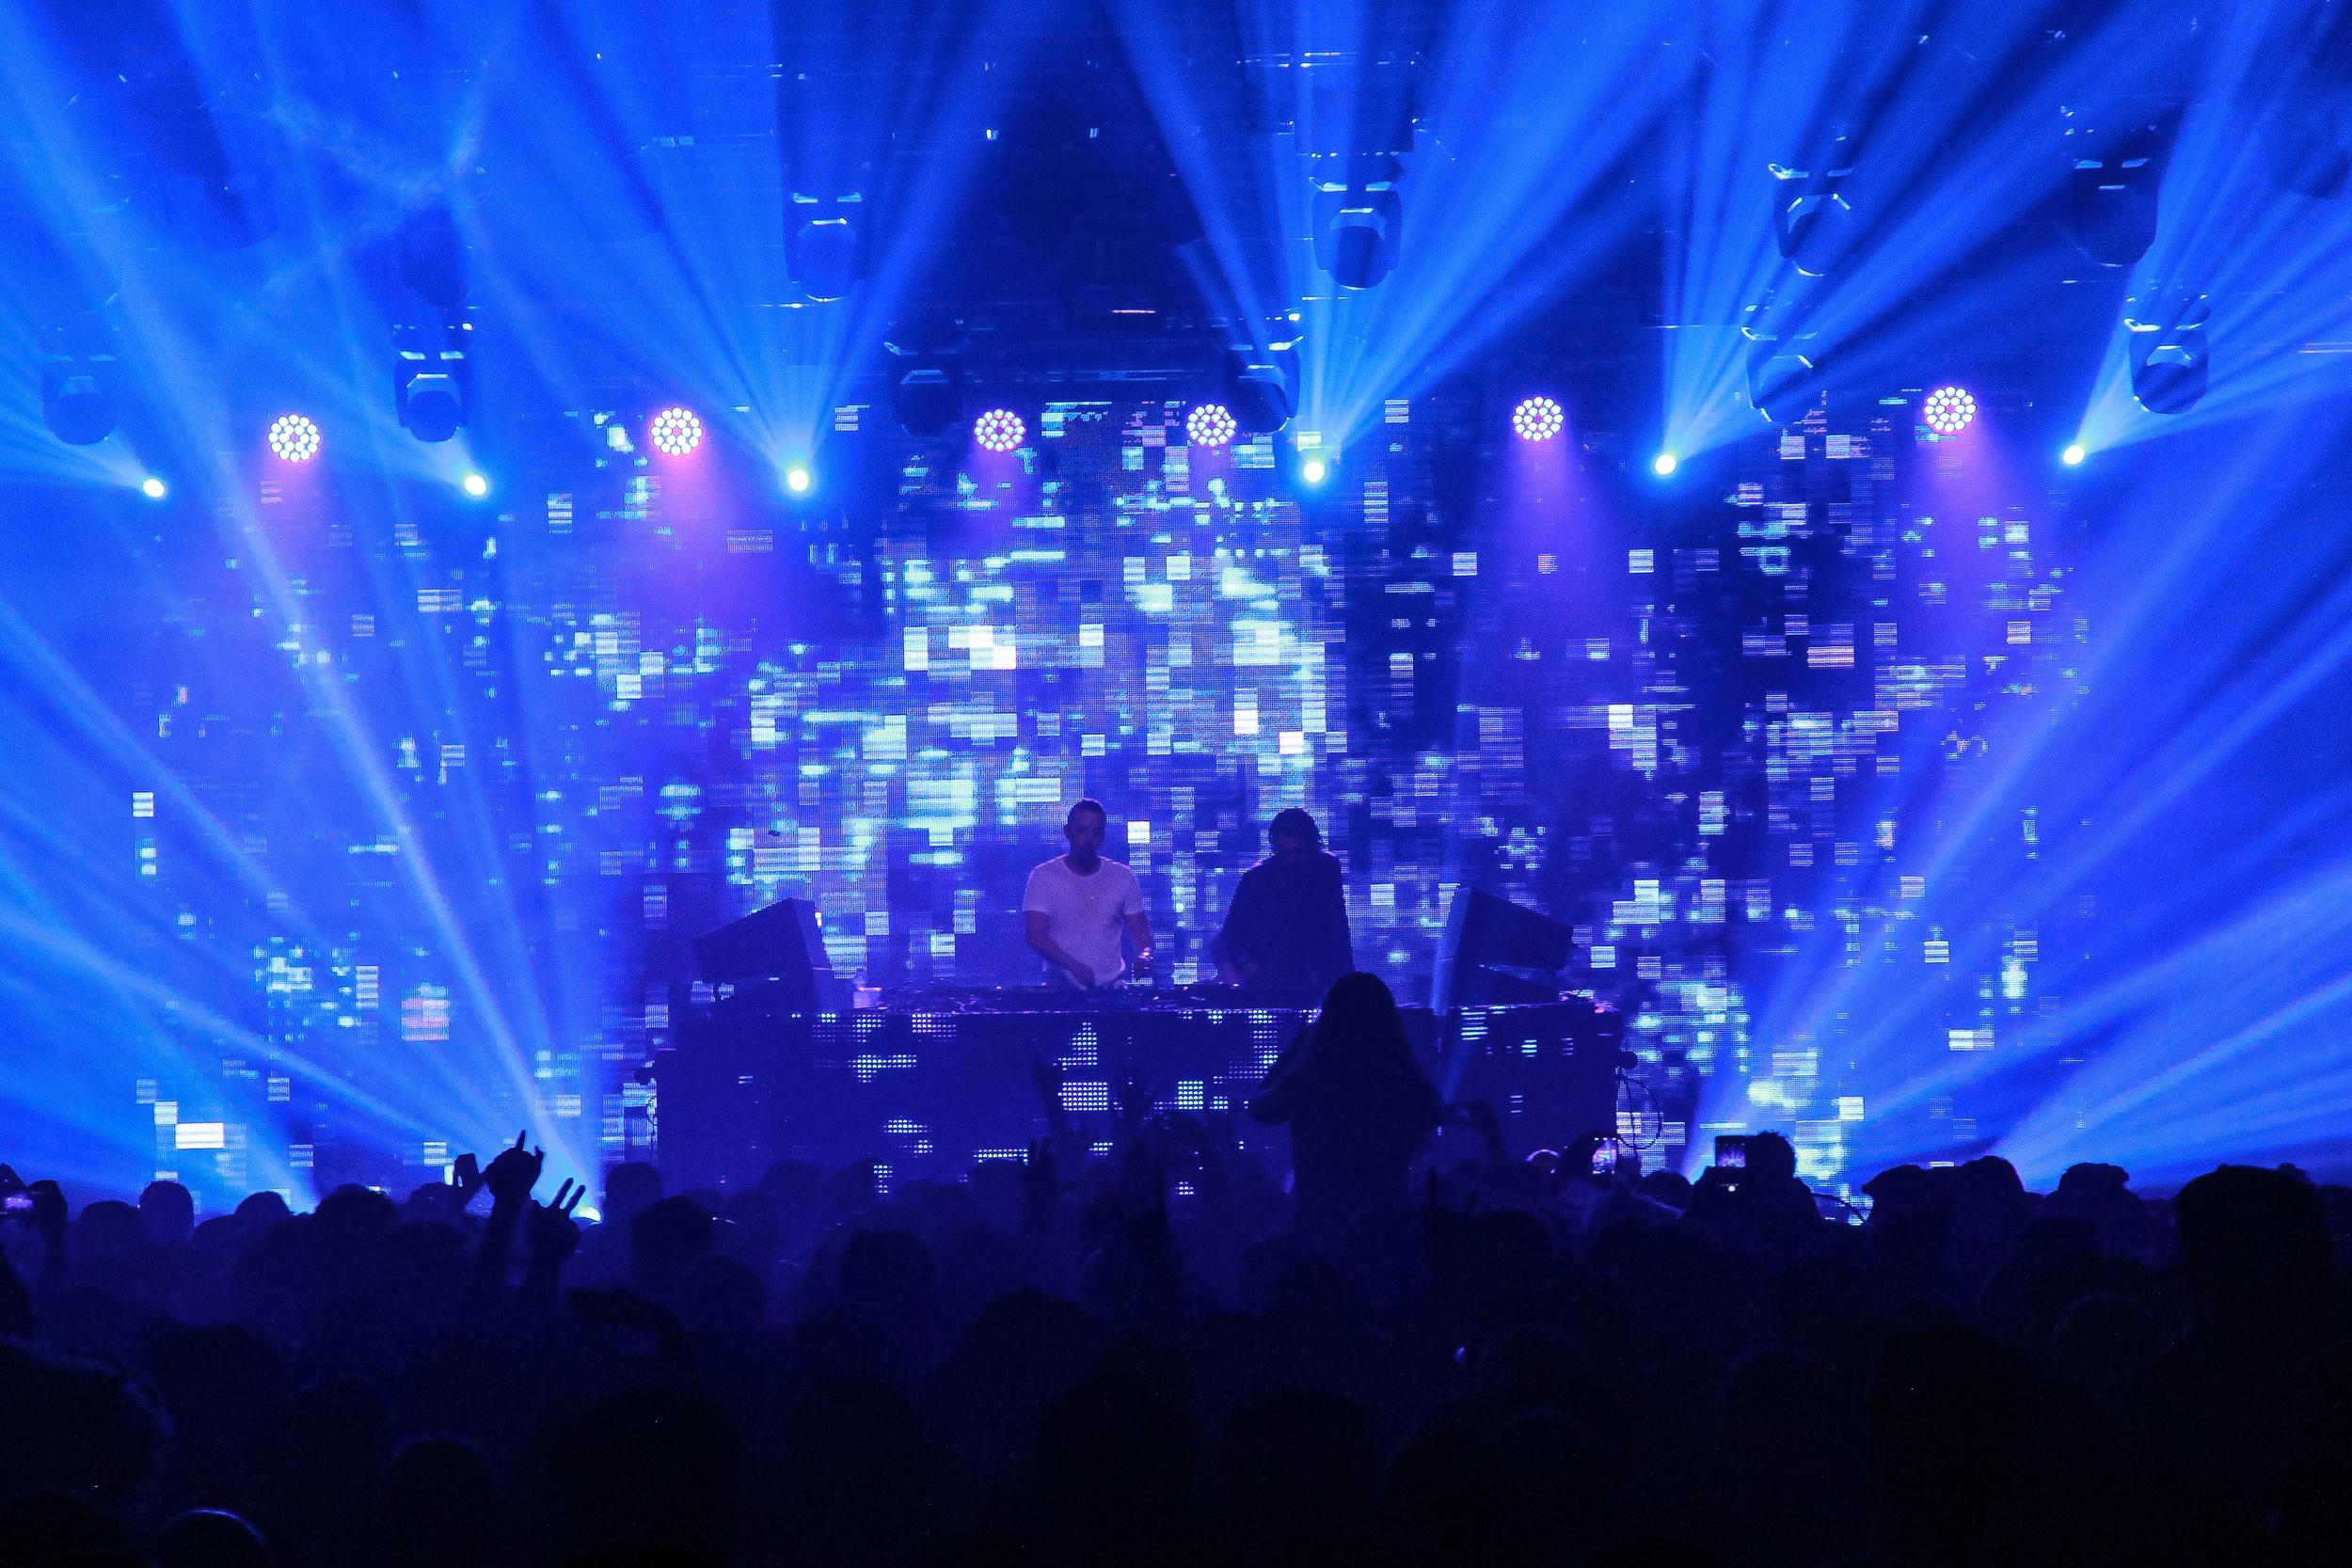 Dimitri Vegas & Like Mike at Echostage in Washington, D.C.